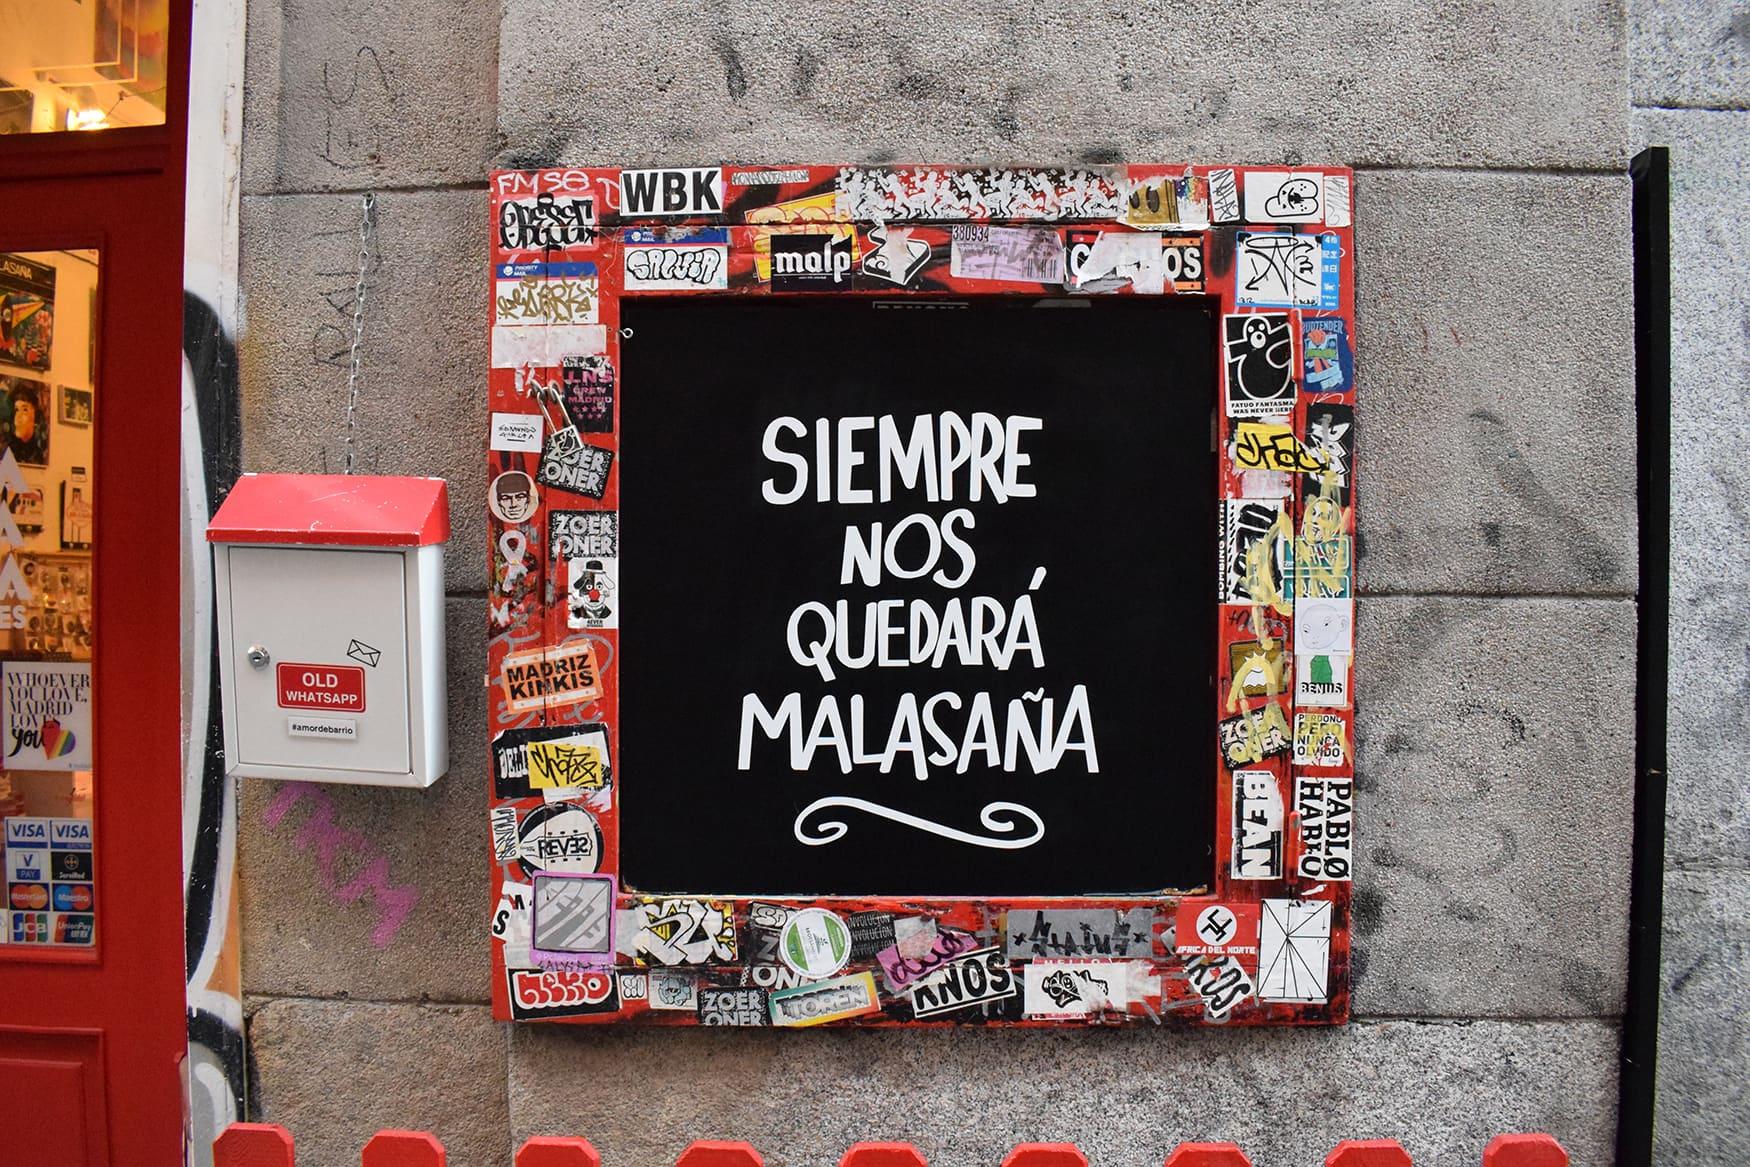 Schriftzug in dem angesagten Viertel Malasana in Madrid